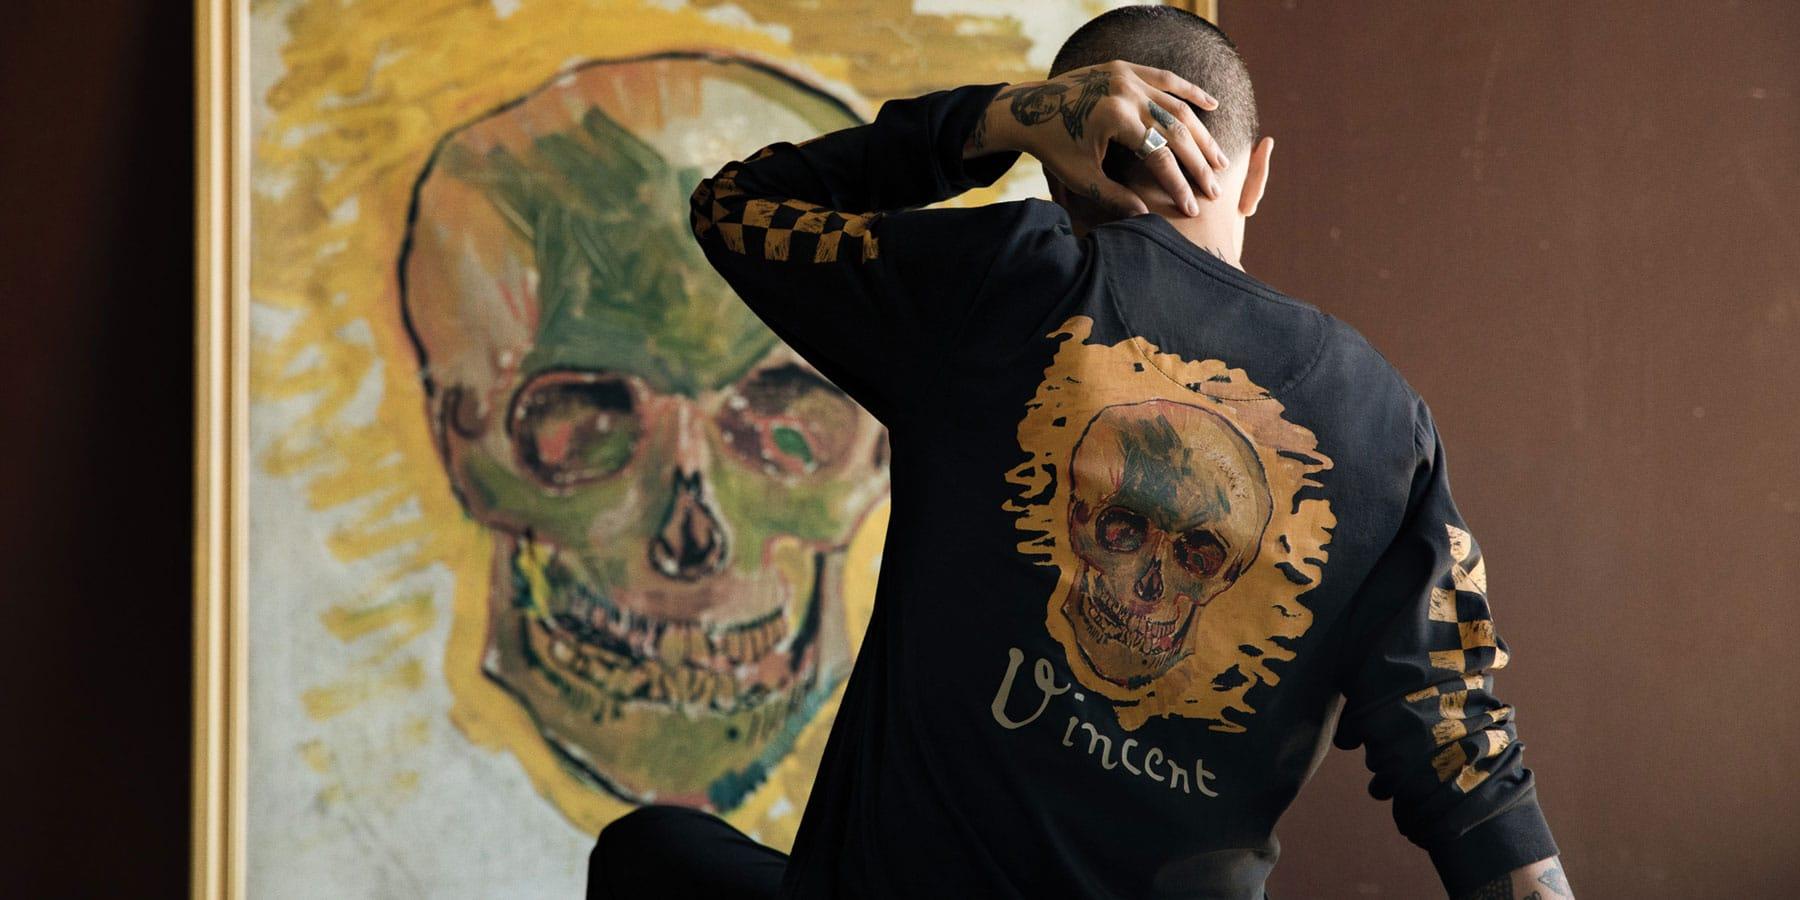 Vincent Van Gogh x Vans Collaboration Has Official Release Date ... f31e361e2